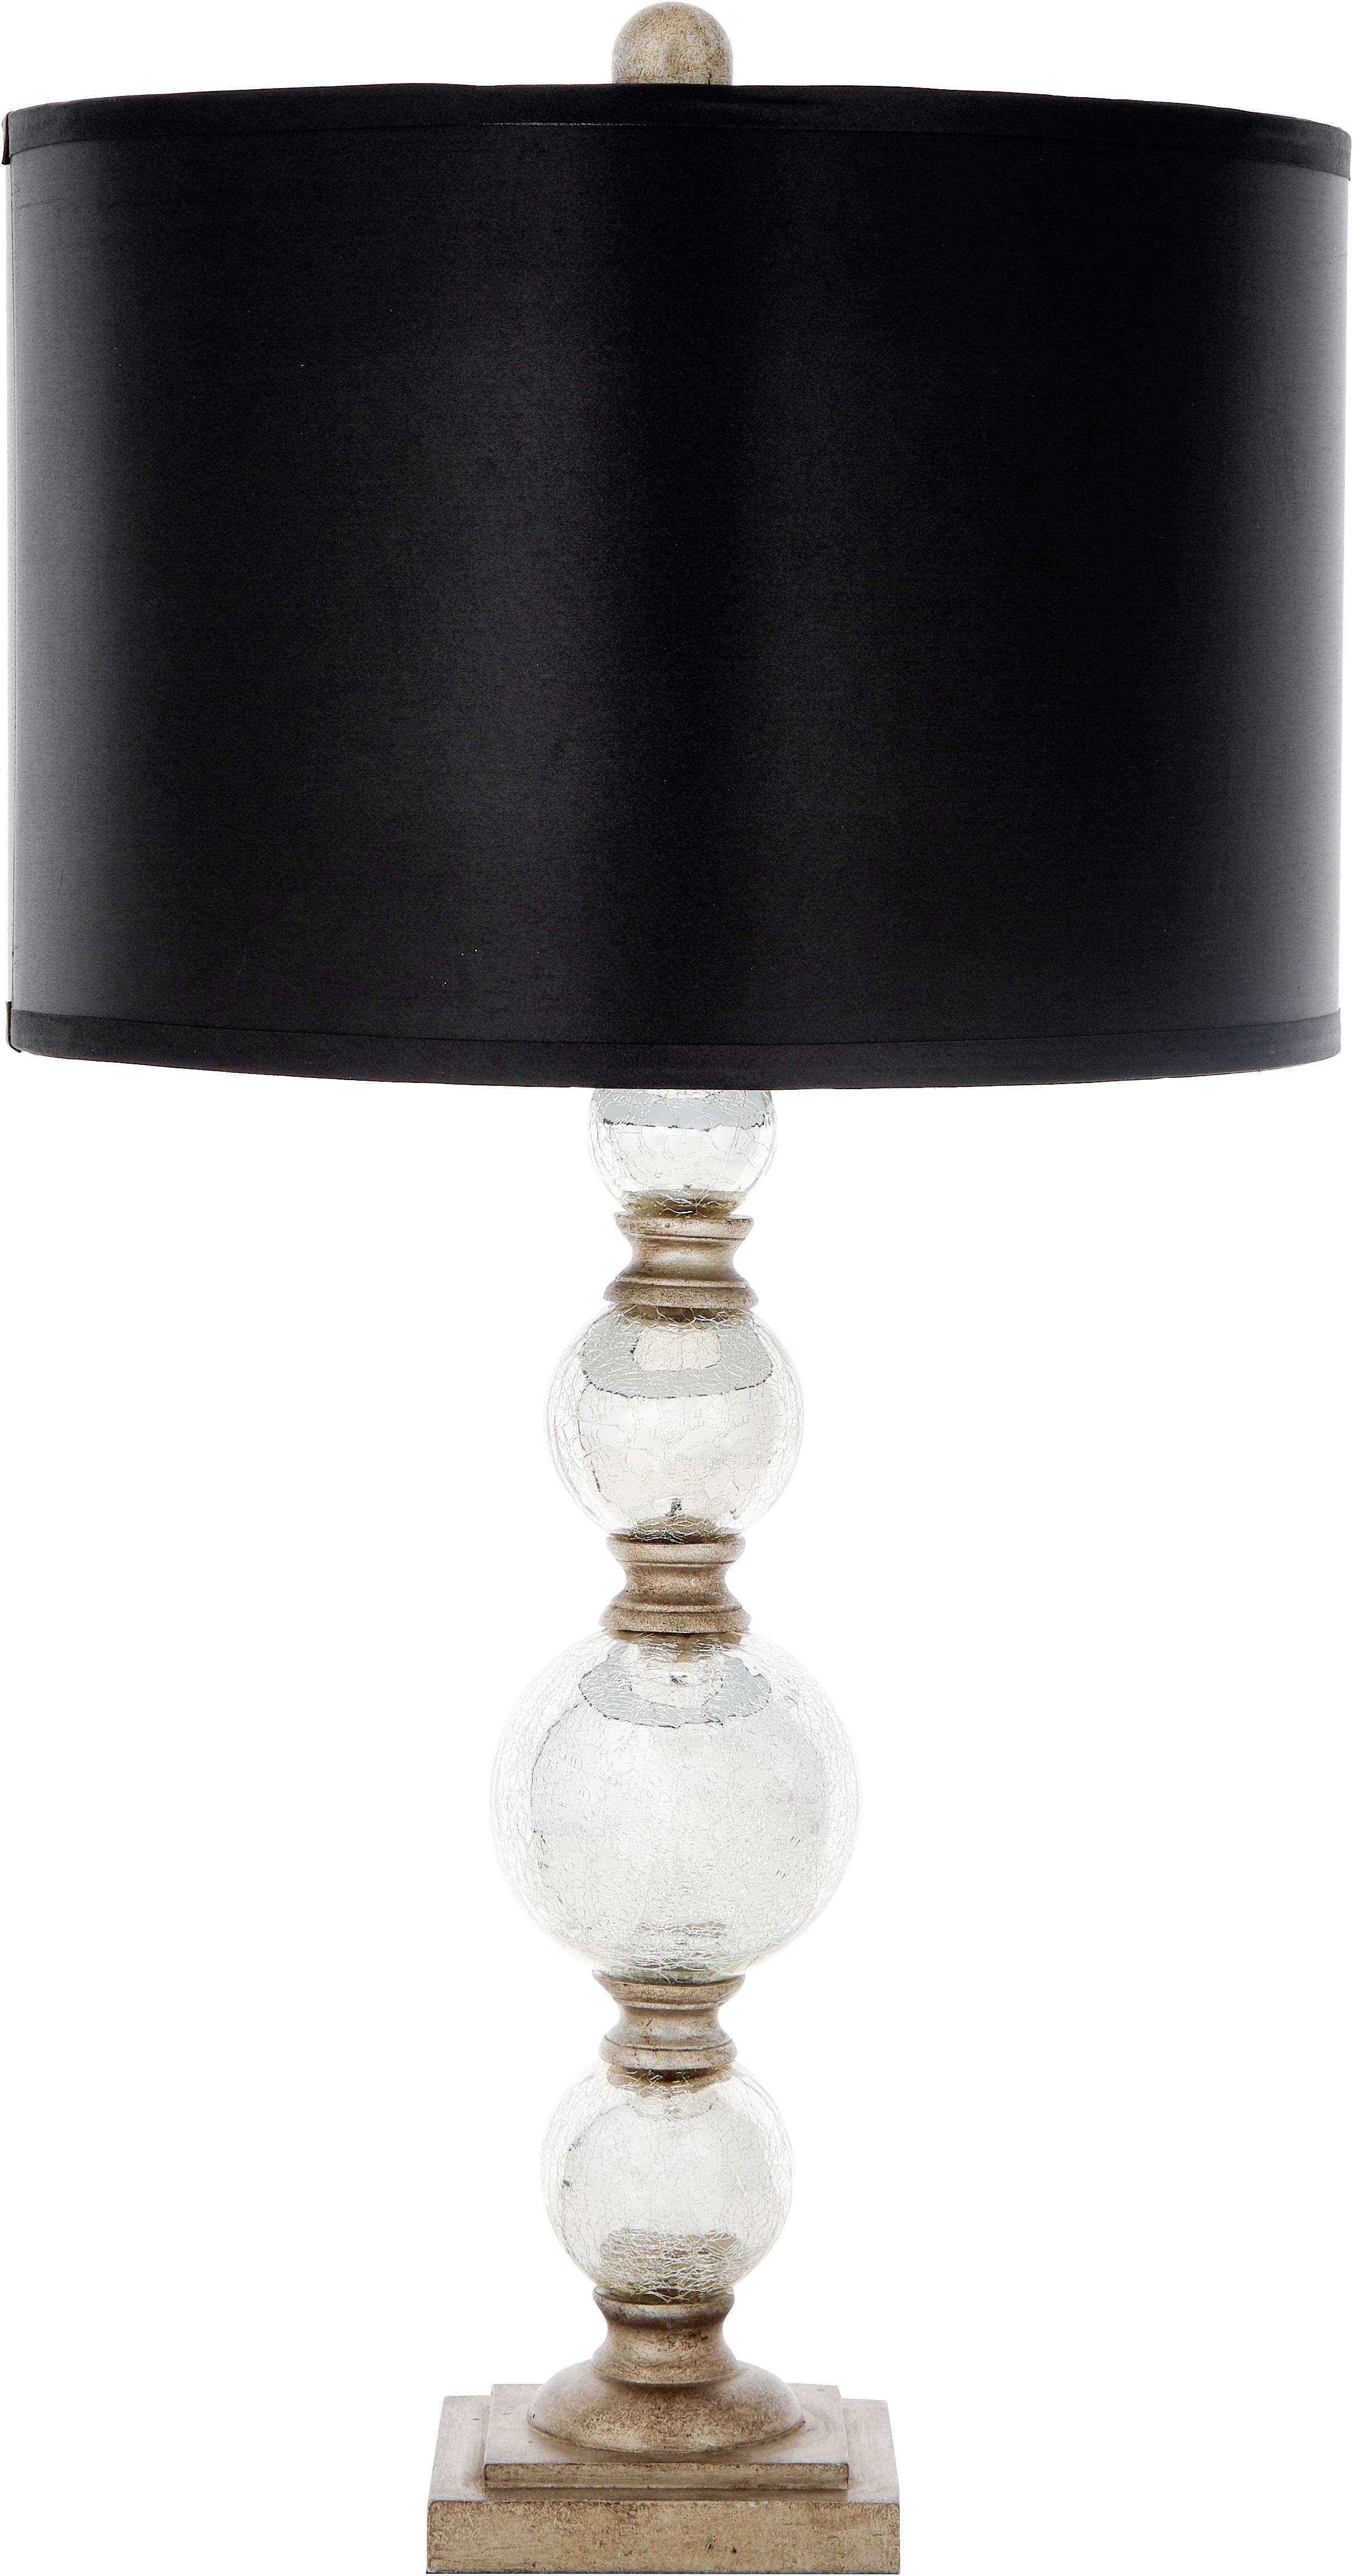 Lámparas de mesa grandes Balls, 2uds., Pantalla: tela (cubierta de poliést, Negro, plata, Ø 35 x Al 75 cm